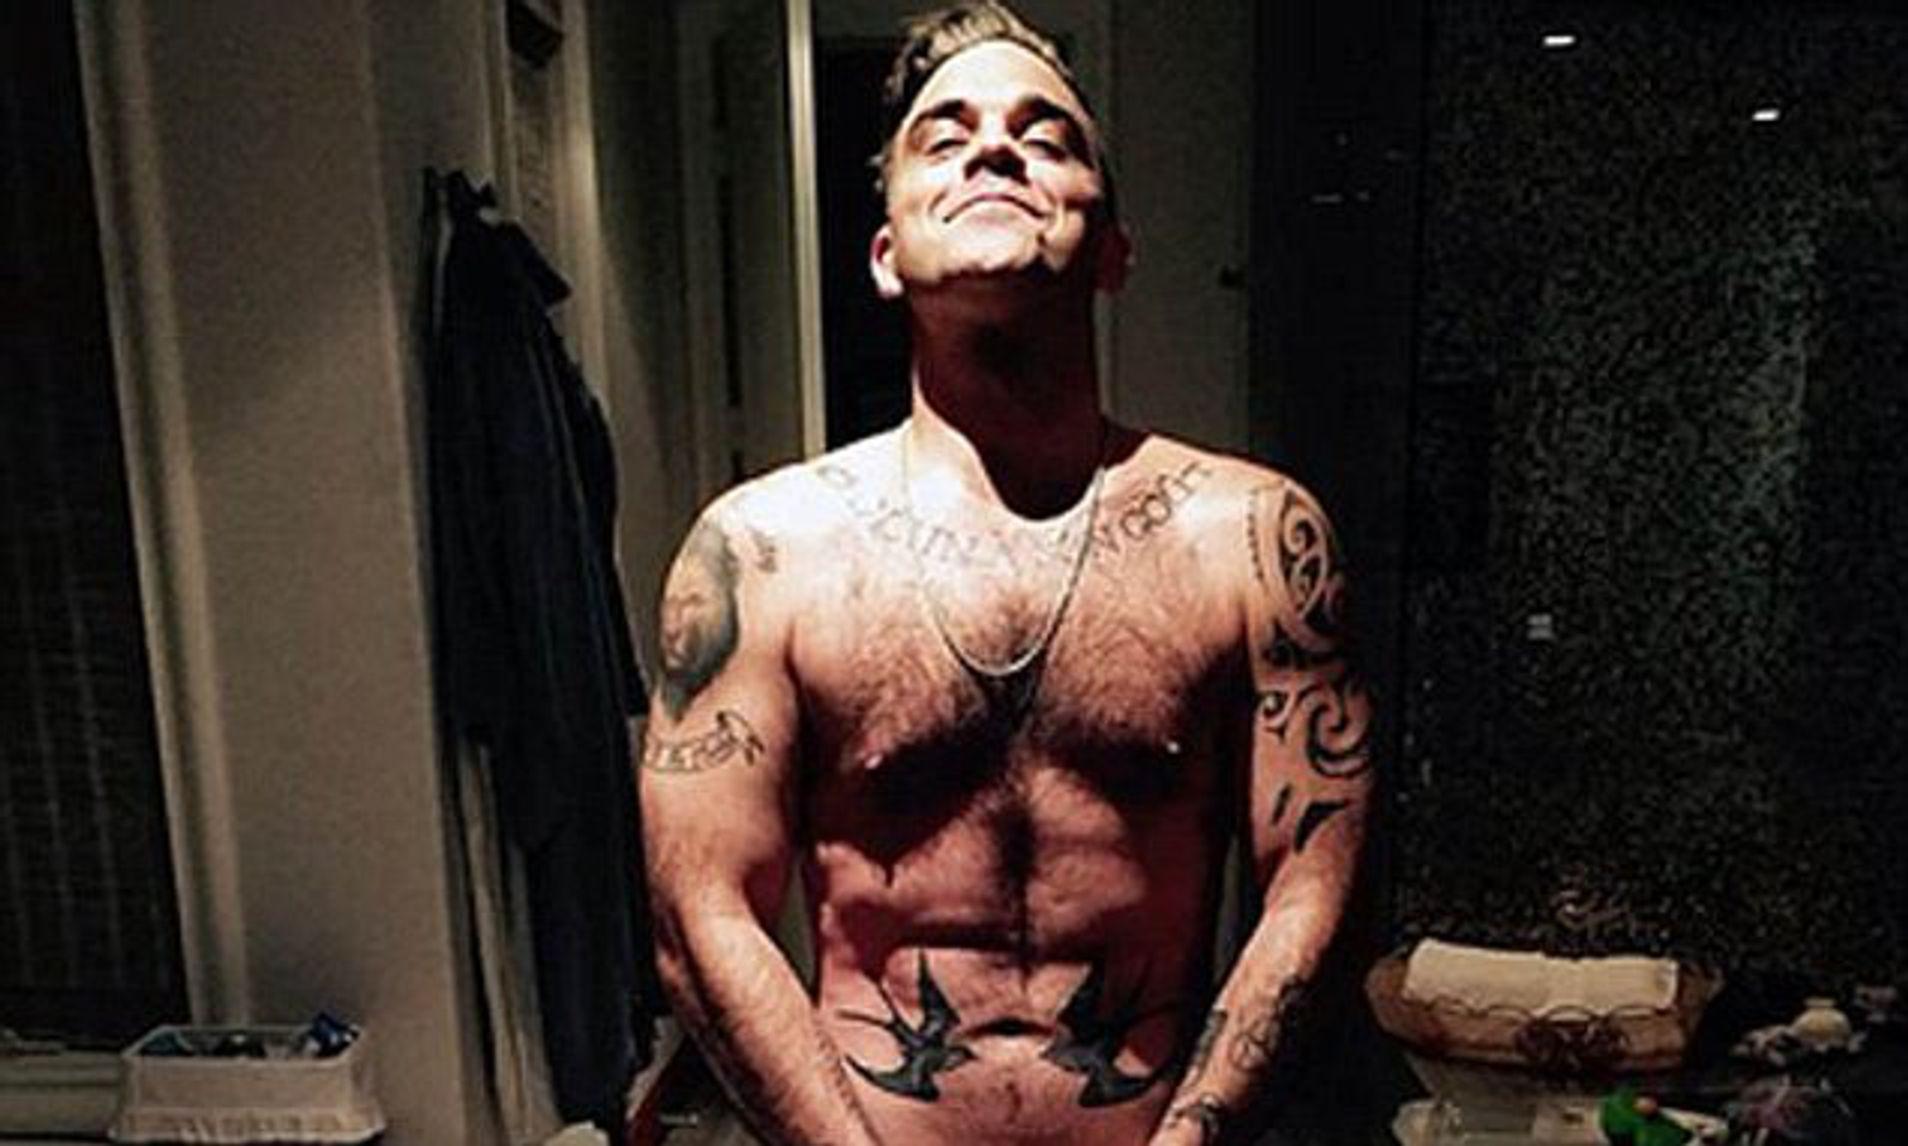 Tim williams naked nude